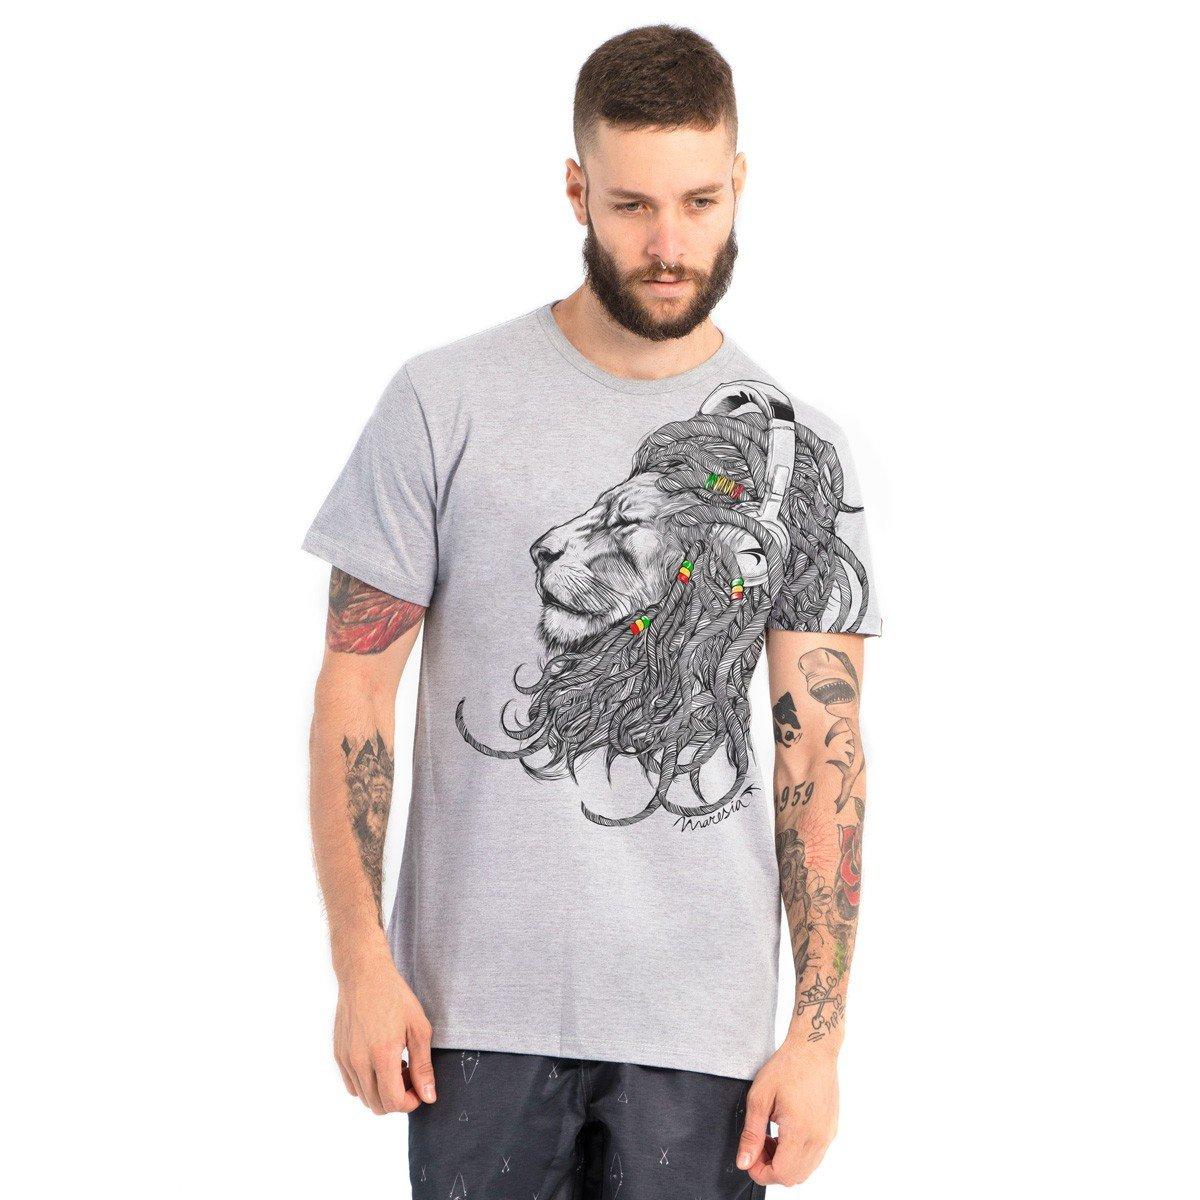 99917a8e4b Camiseta Lion Dreadlocks Maresia - Compre Agora